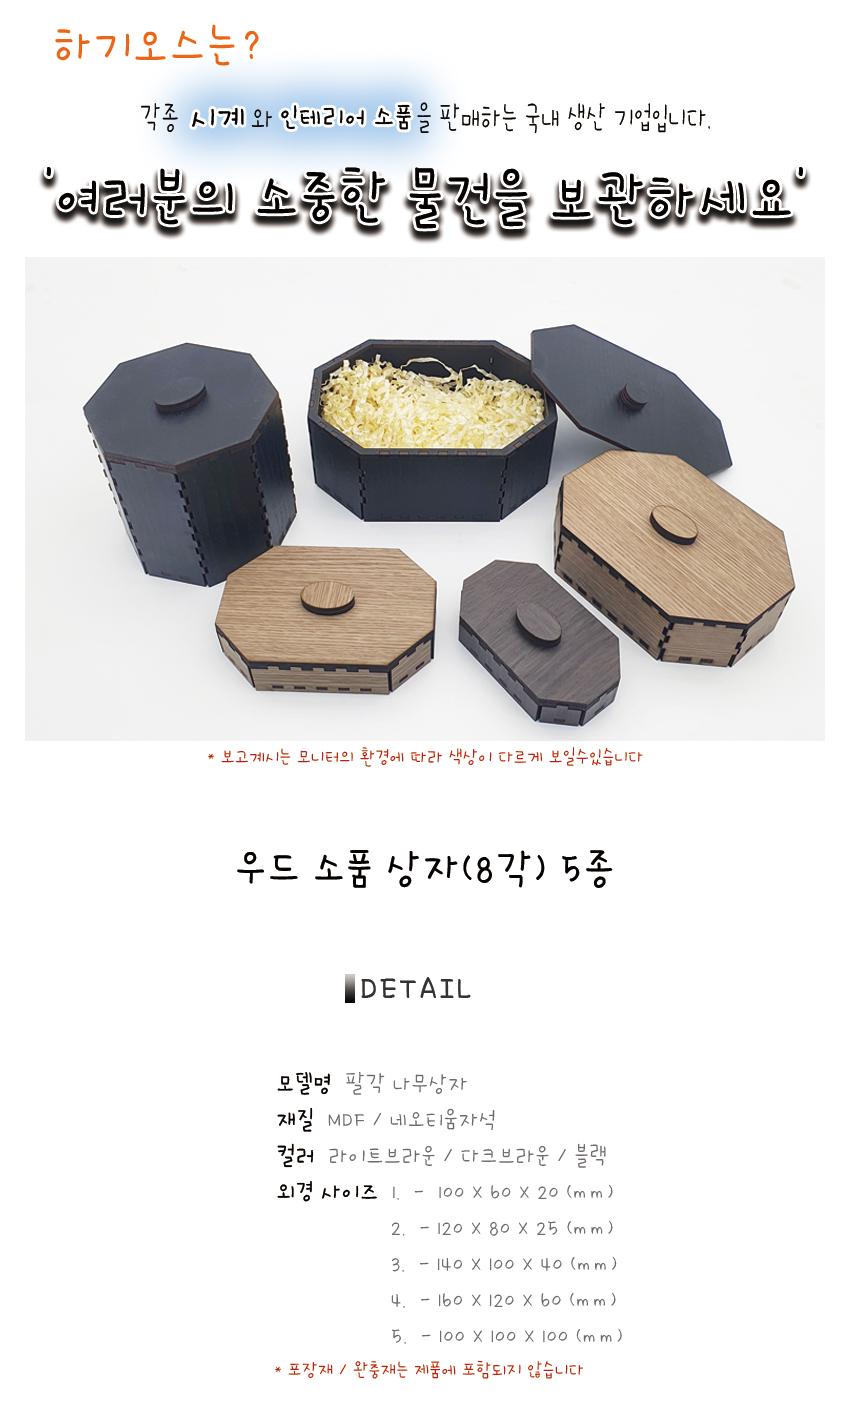 [우드소품상자 8각] 소품상자(JKE24)-하기오스 (5종) 이미지